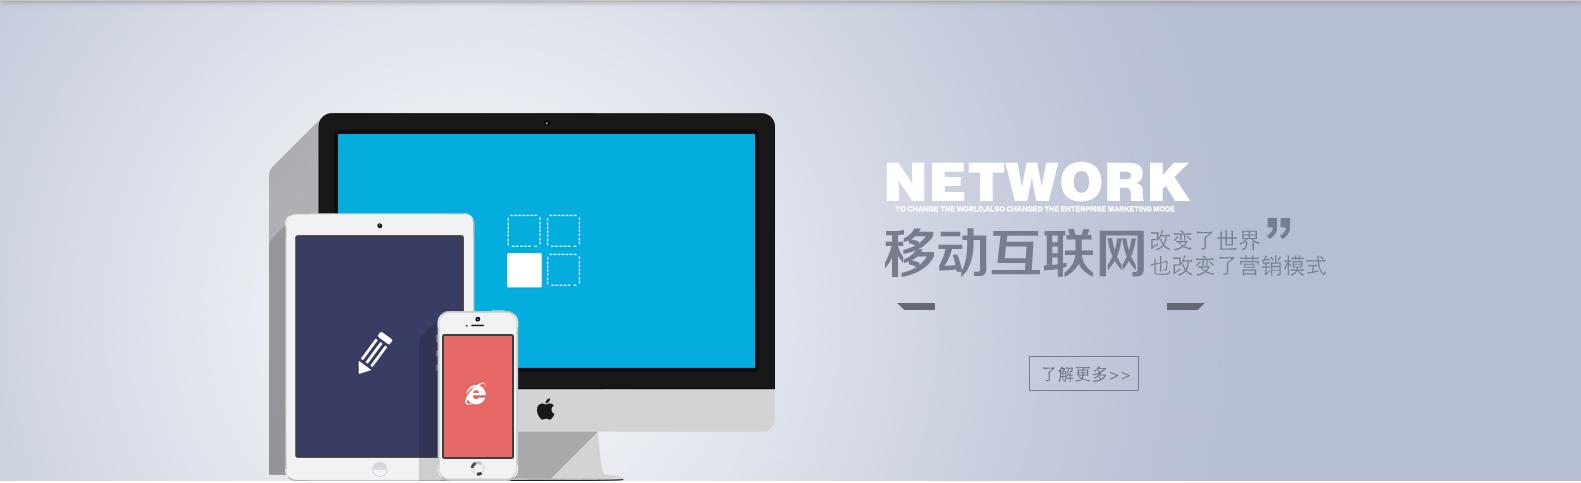 北京bob官方网站快照公司